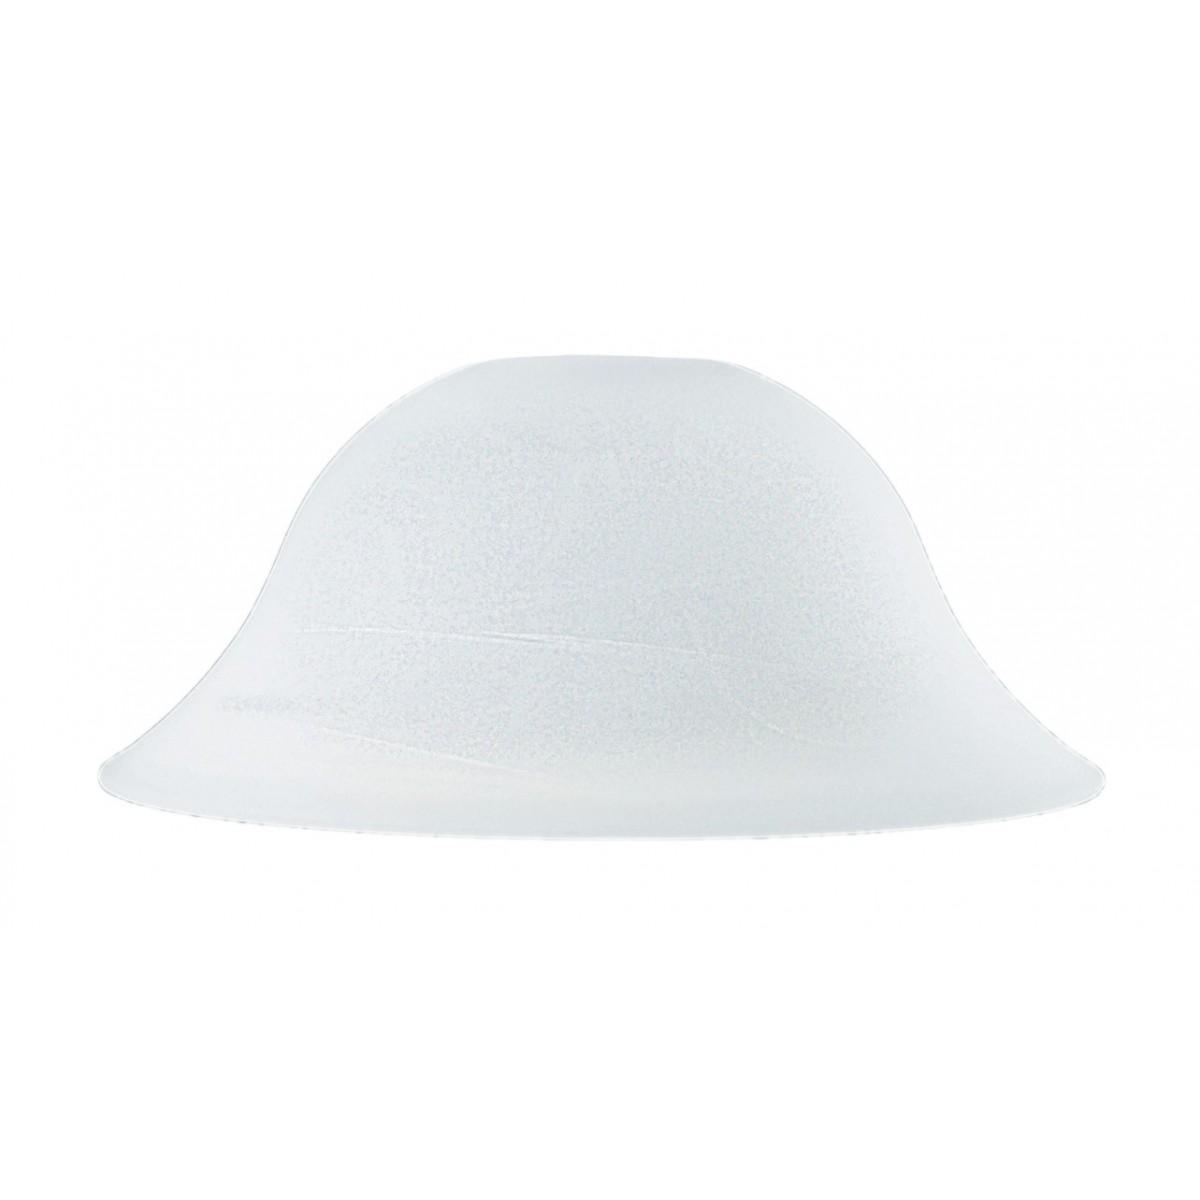 I-V07003104202000 - Abat-jour pour suspendre la cloche en verre albâtre blanc 31x12 cm F42